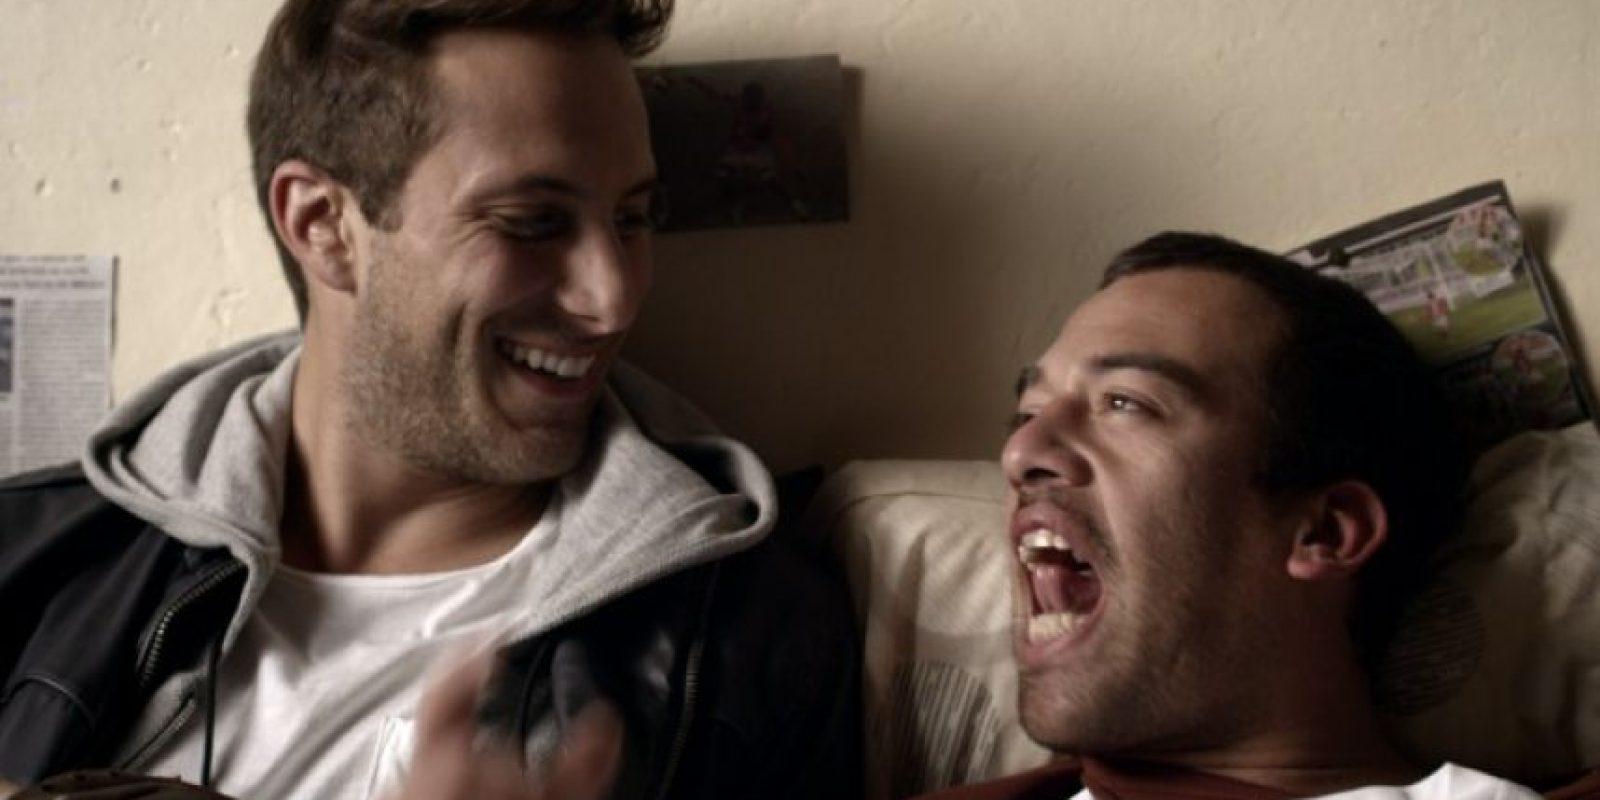 """Sebastián Zurita y Francisco Villalvazo protagonizan """"Juego de héroes"""" Foto:20th Century Fox"""